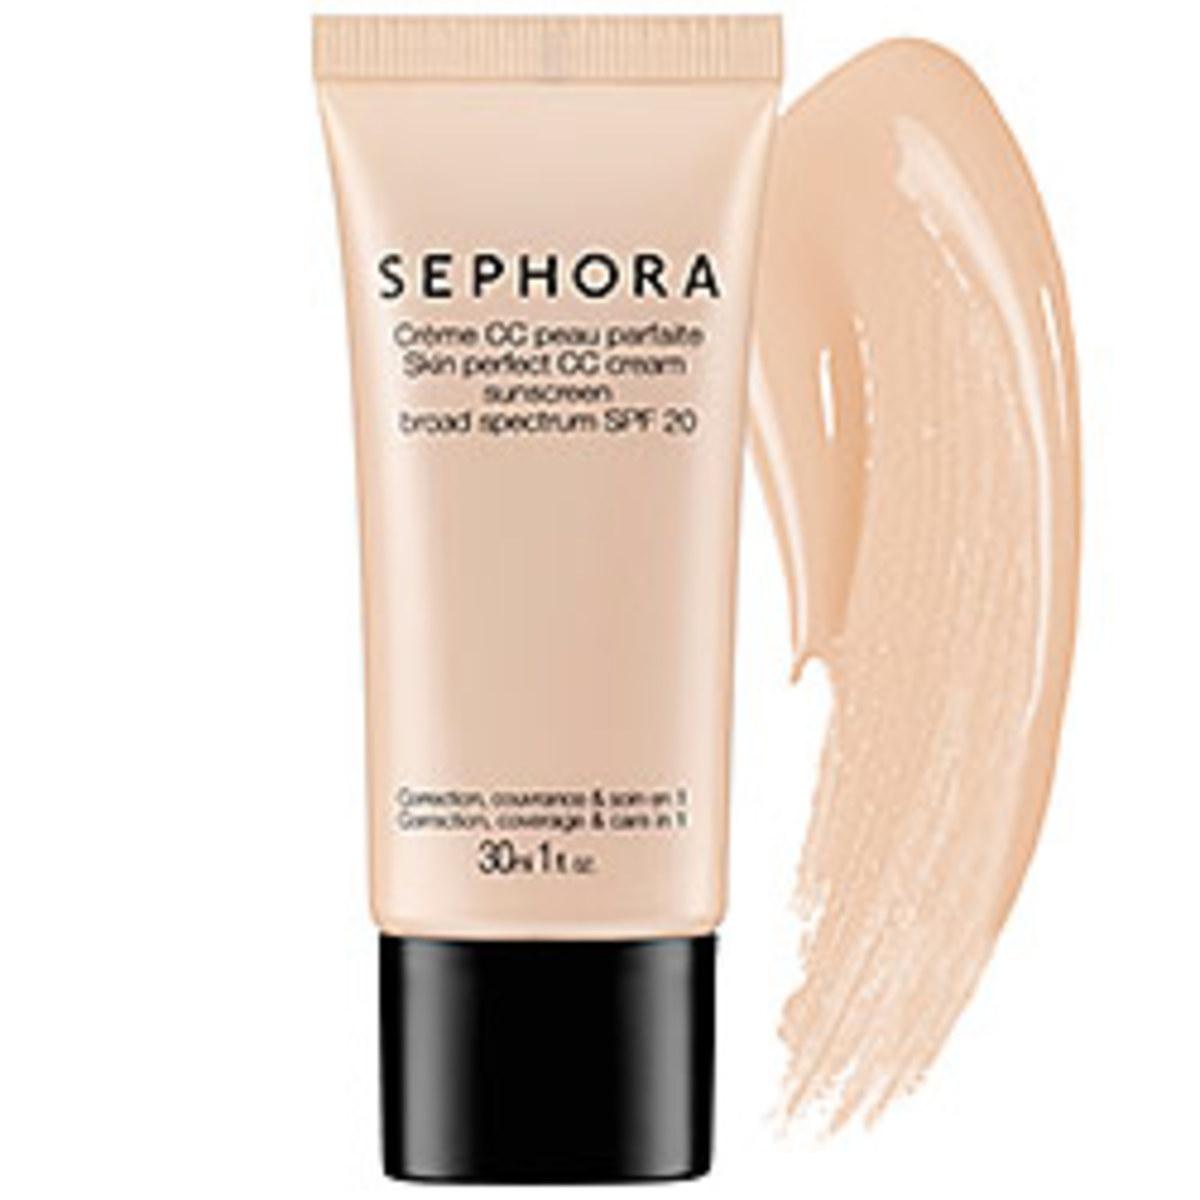 Sephora CC Cream